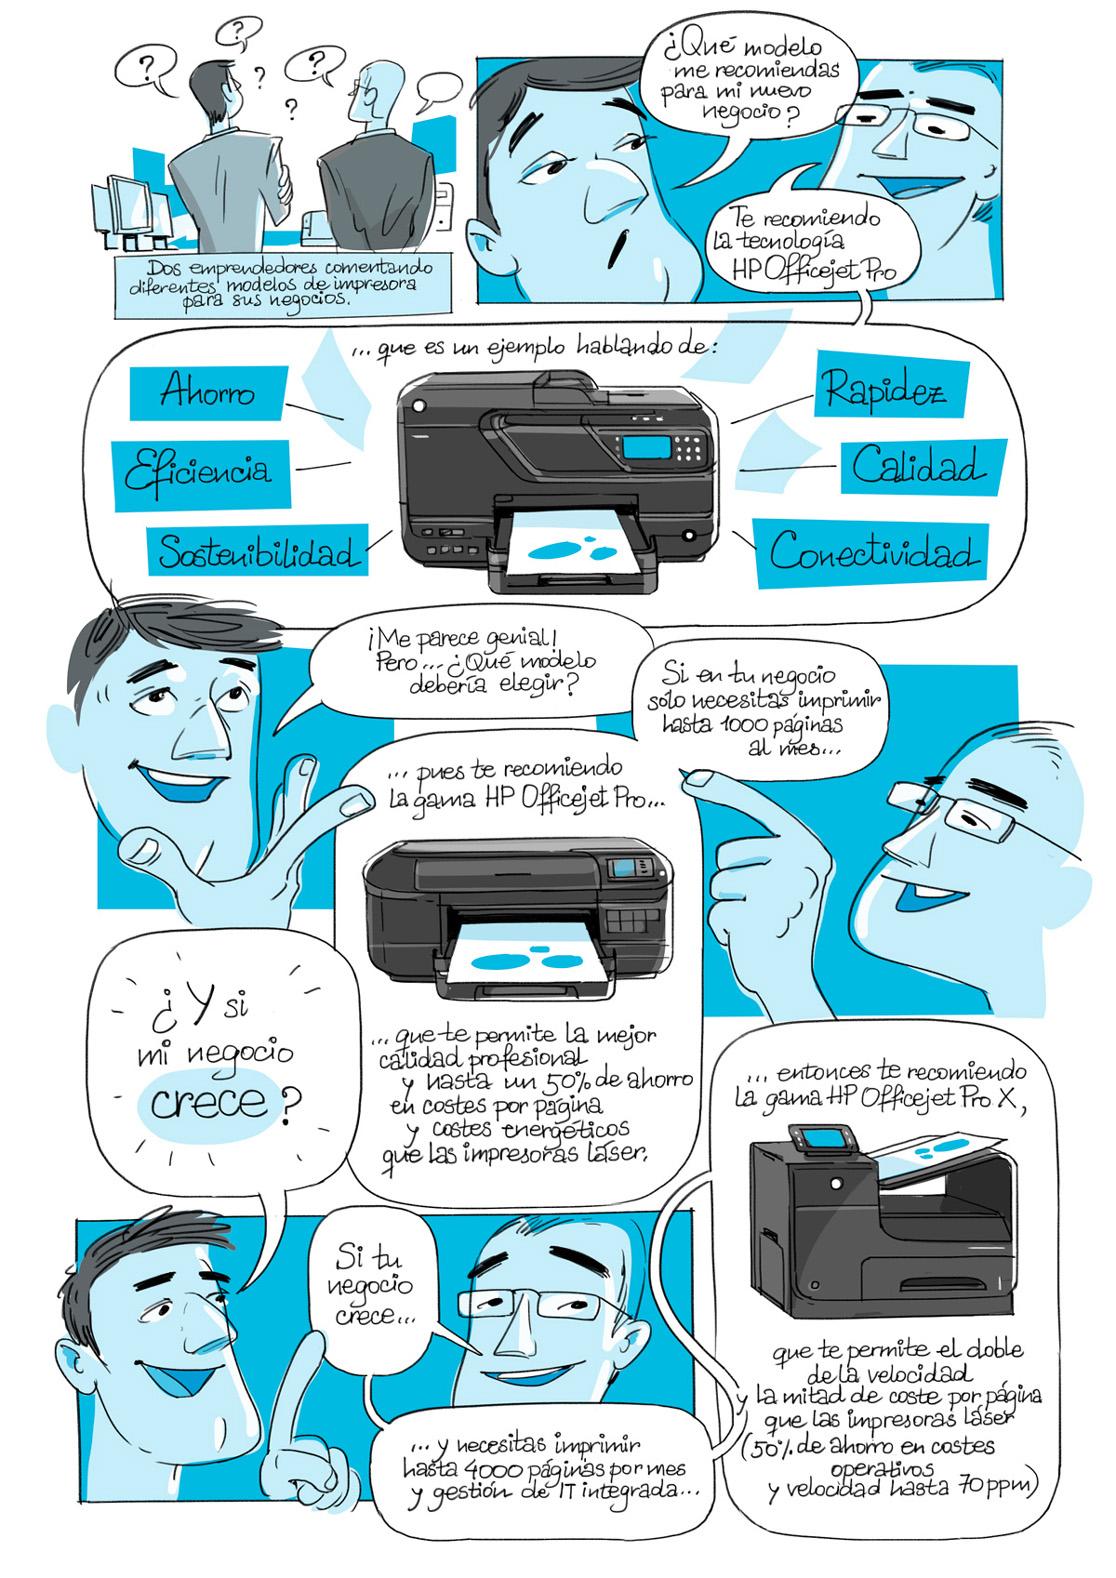 HP Officejet Pro